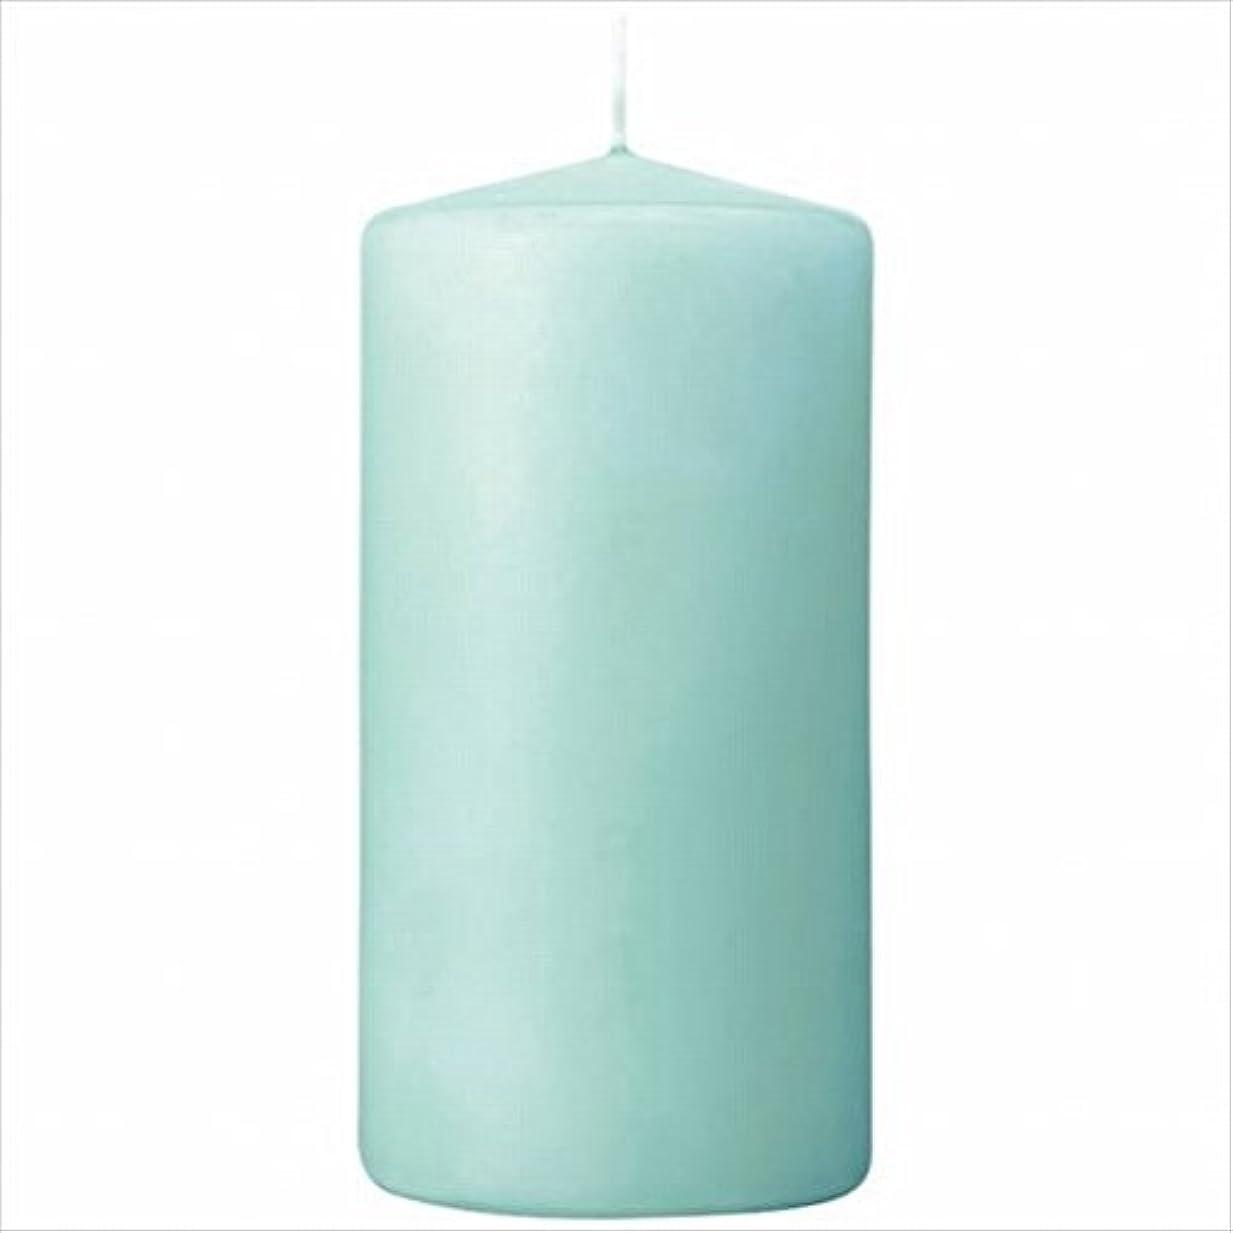 生活グリーンバック正当化するカメヤマキャンドル(kameyama candle) 3×6ベルトップピラーキャンドル 「 ライトブルー 」